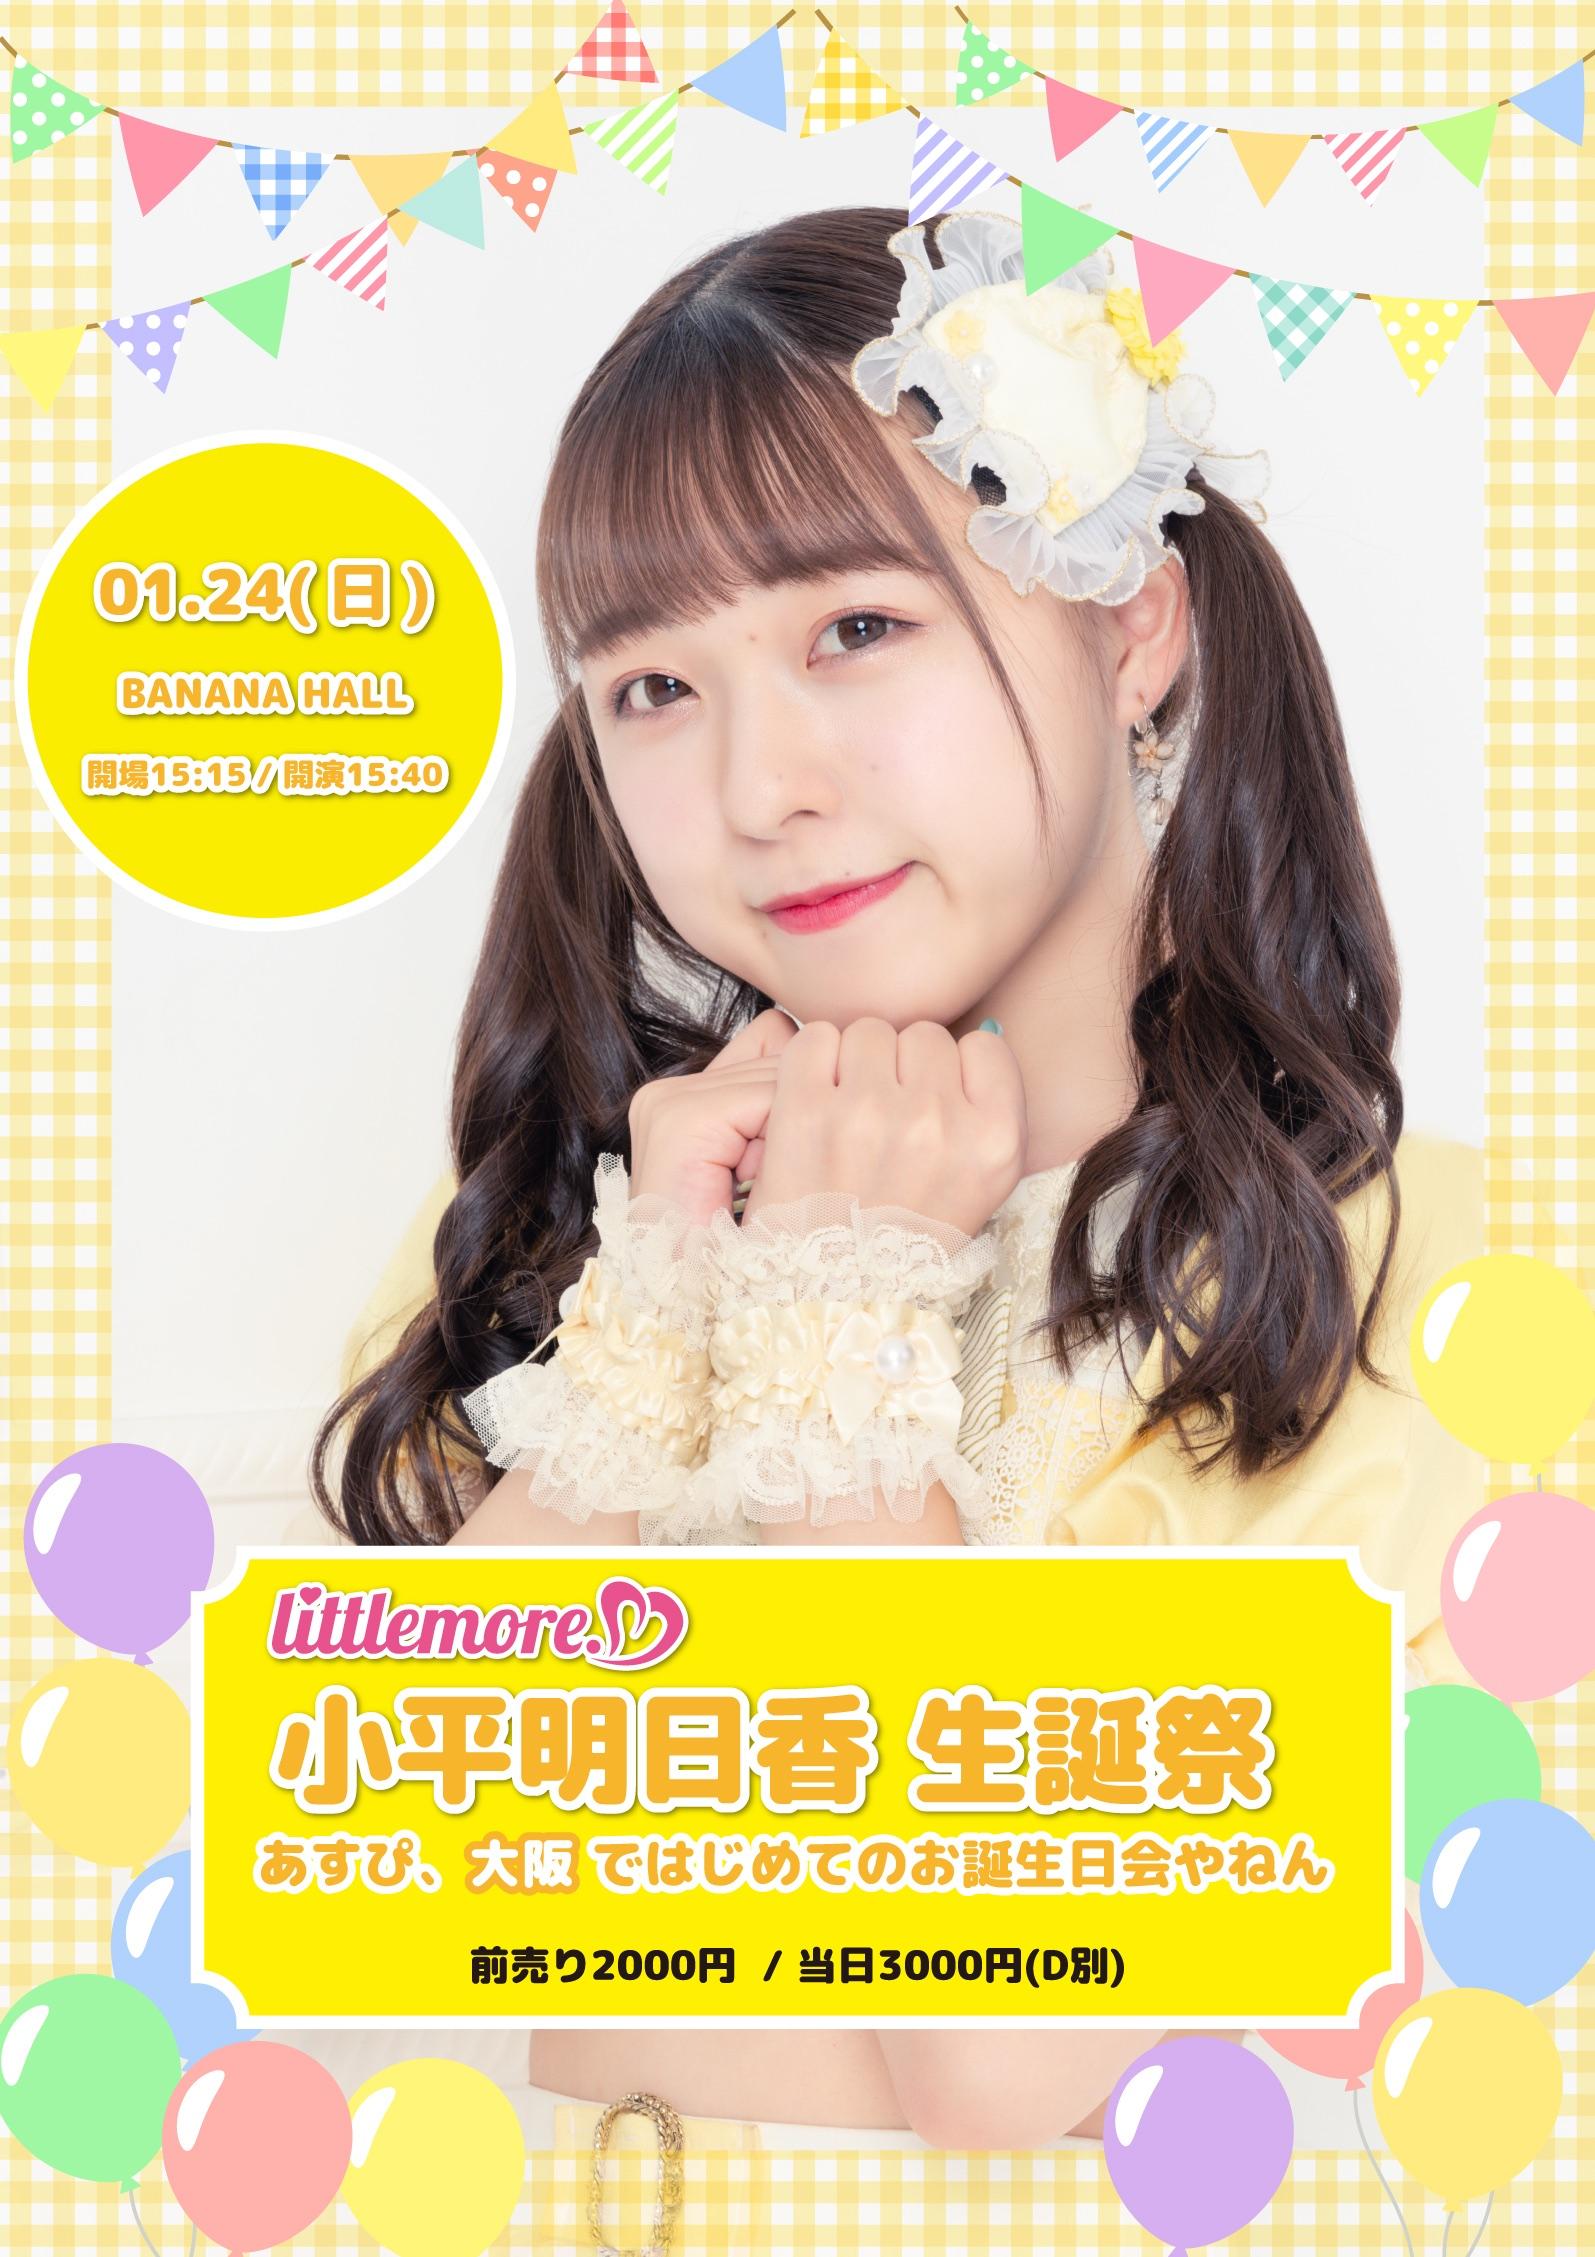 1/24(日) littlemore. 小平明日香 生誕祭 ~あすぴ、大阪ではじめてのお誕生日会やねん~